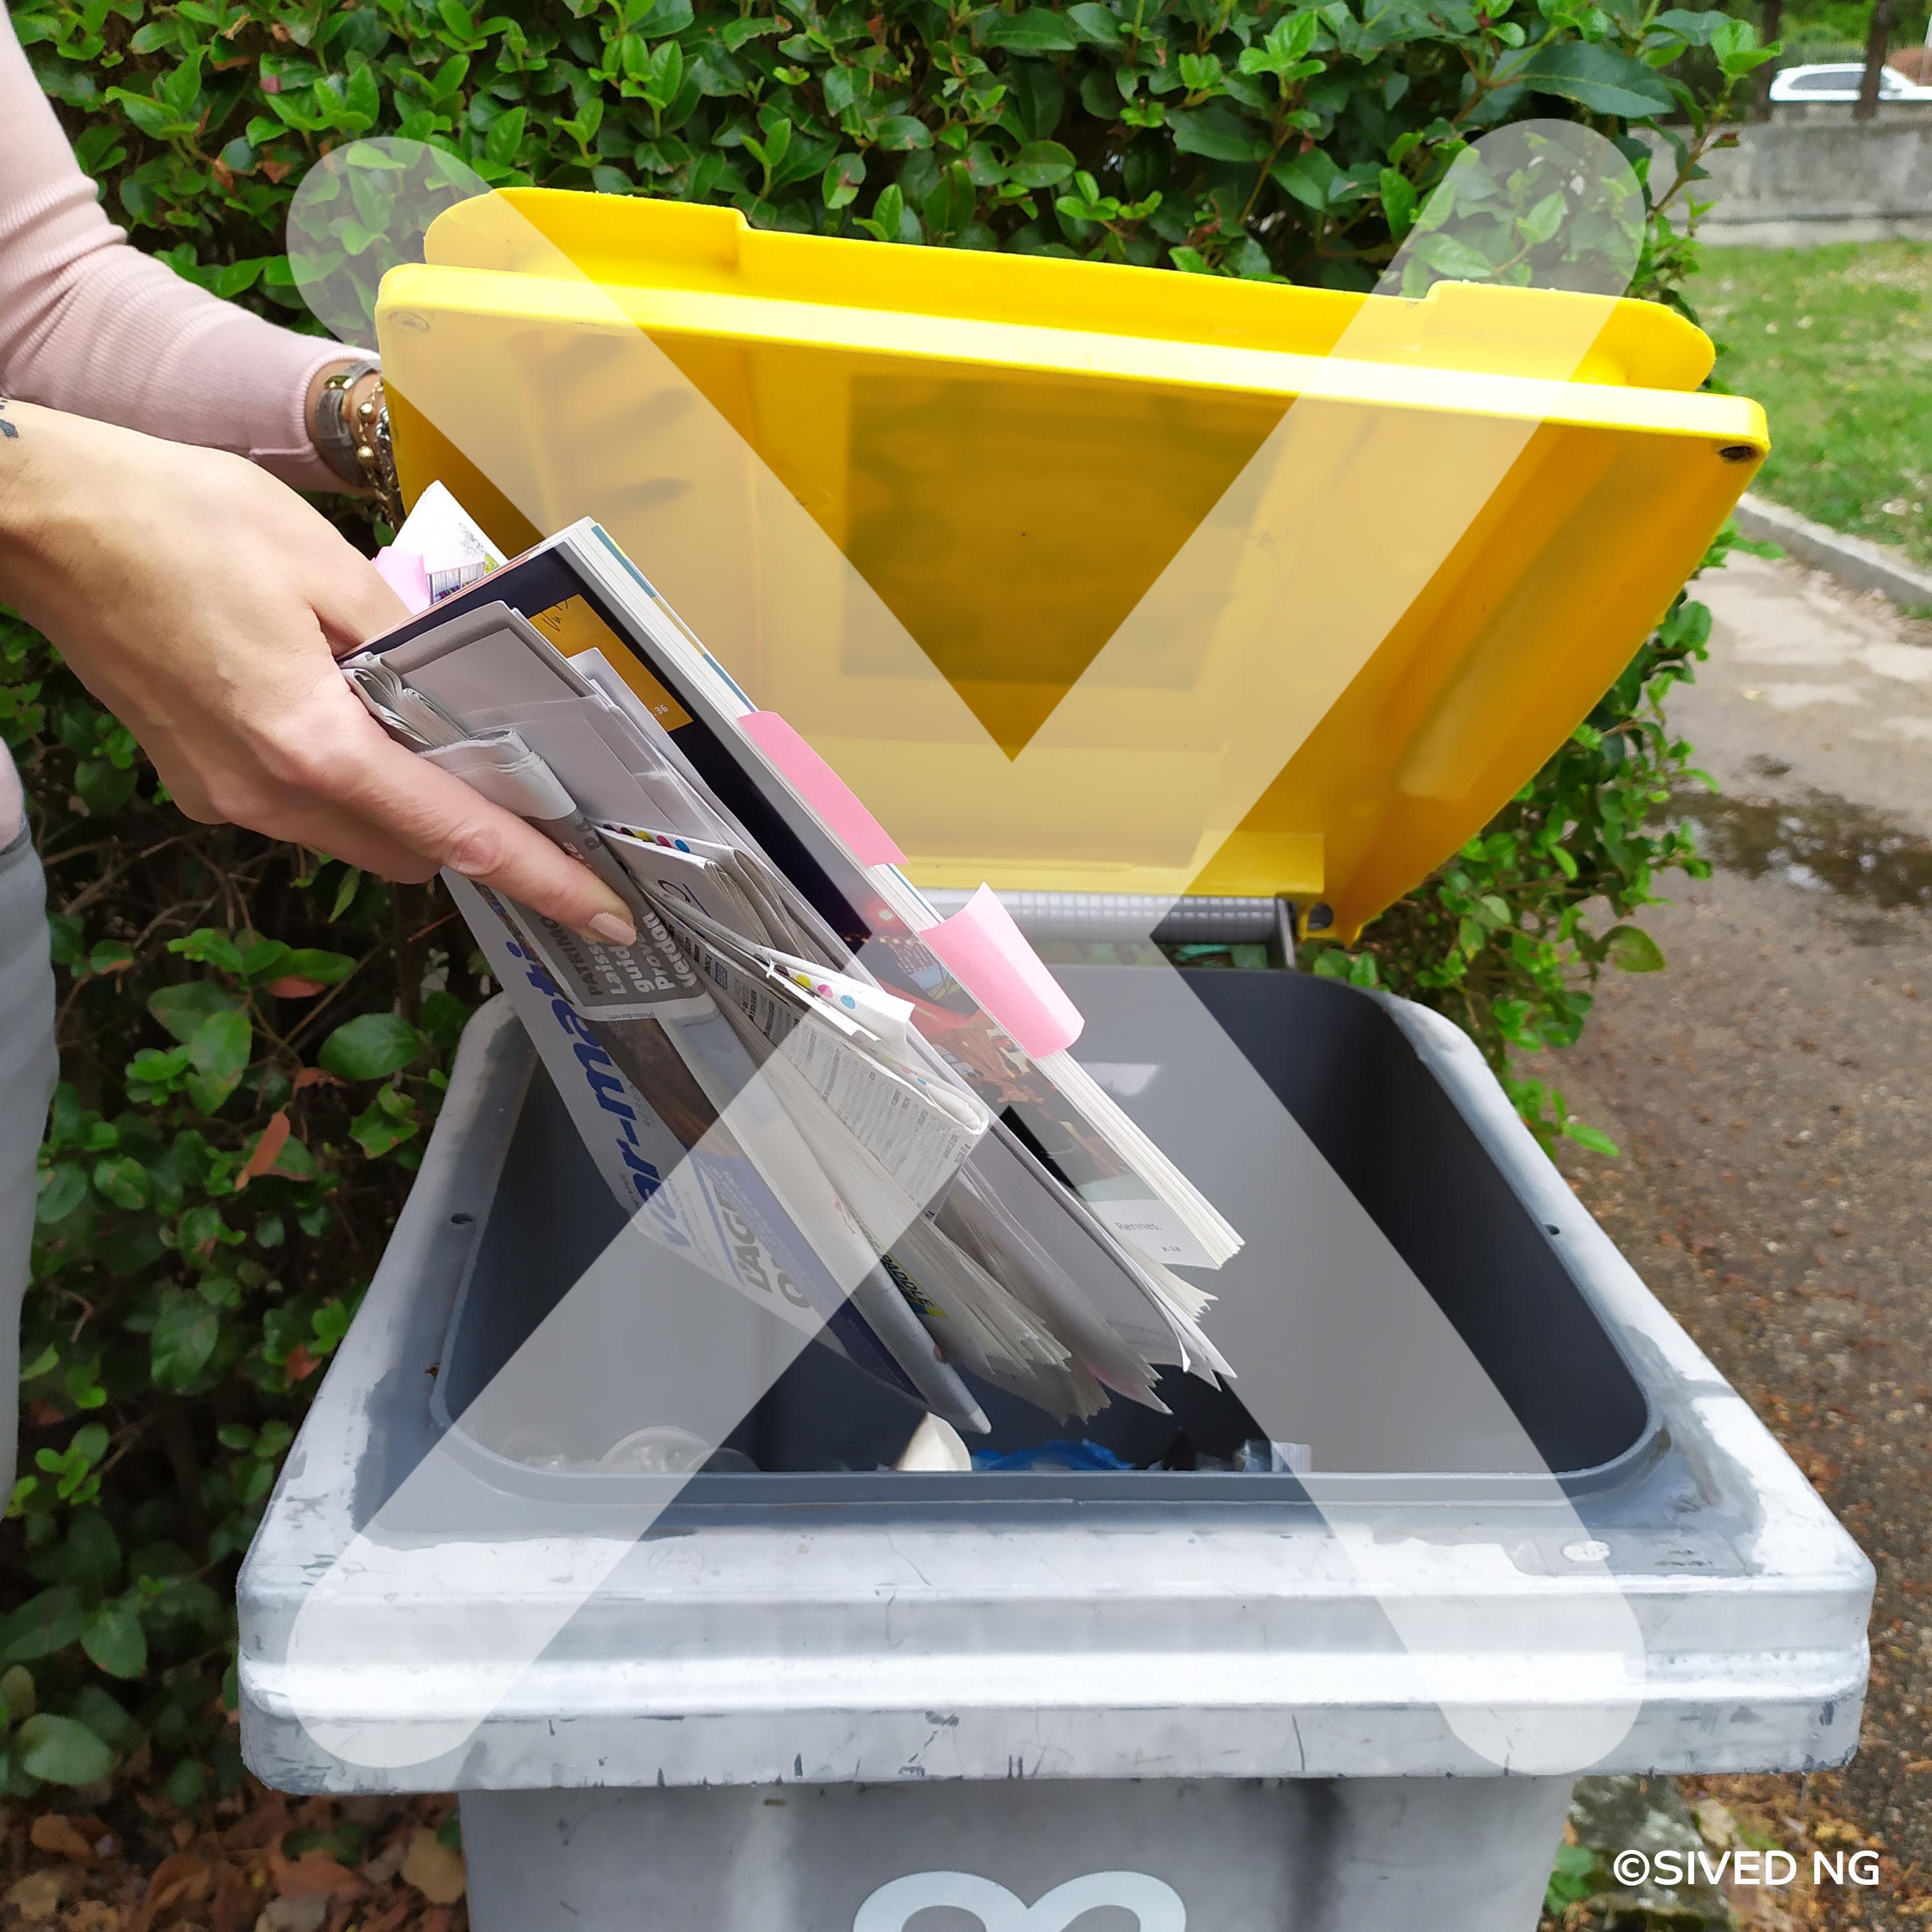 Pourquoi ne faut-il pas jeter les papiers avec les emballages ?